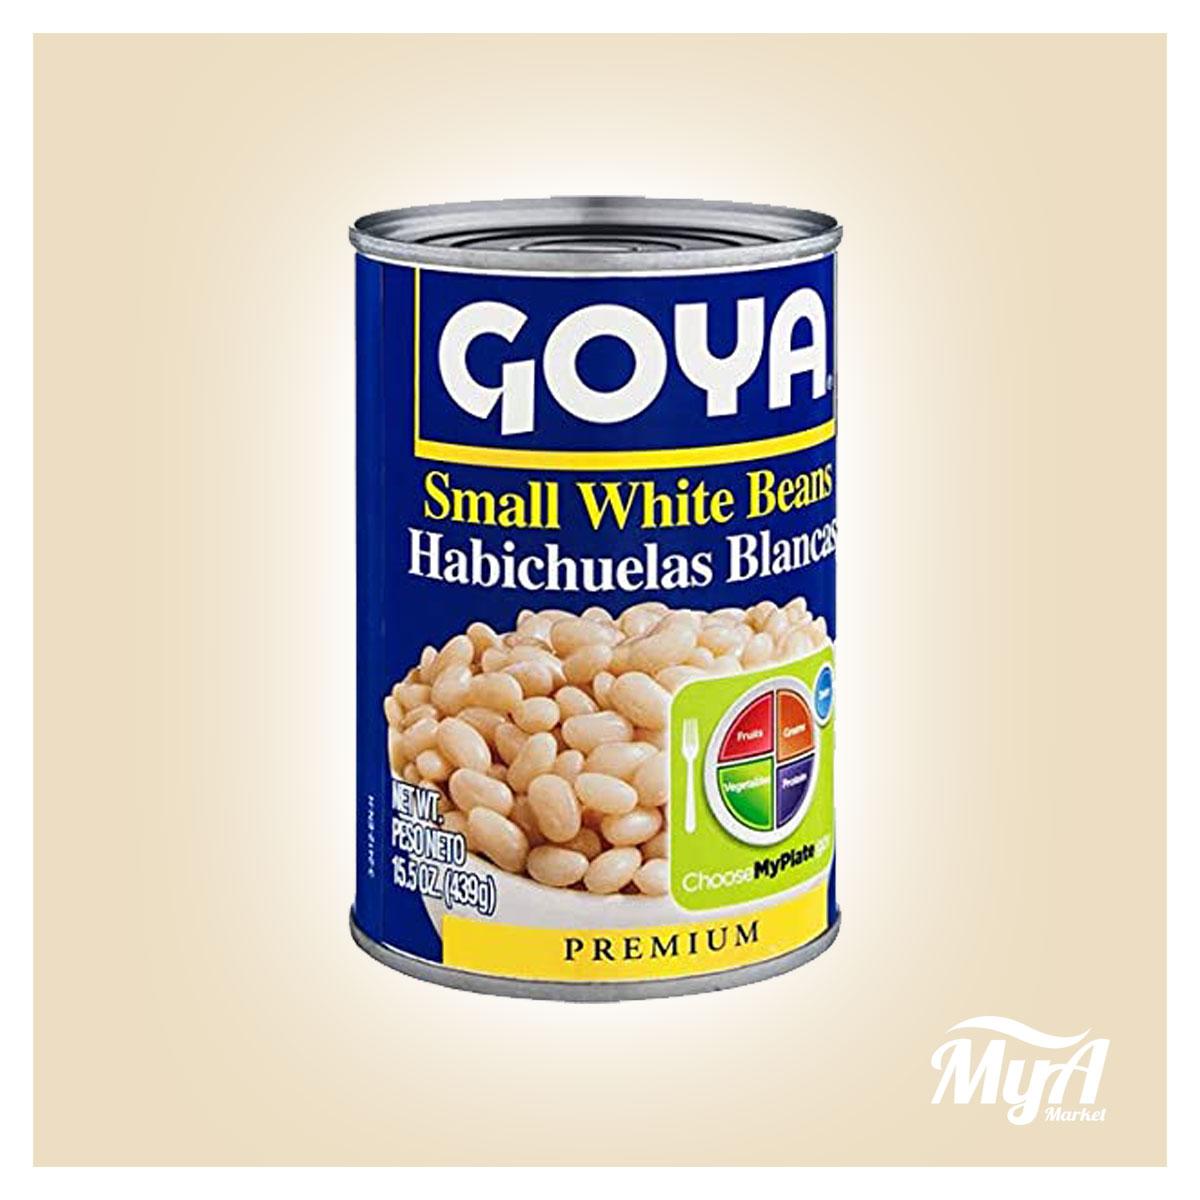 Habichuelas Blancas Goya